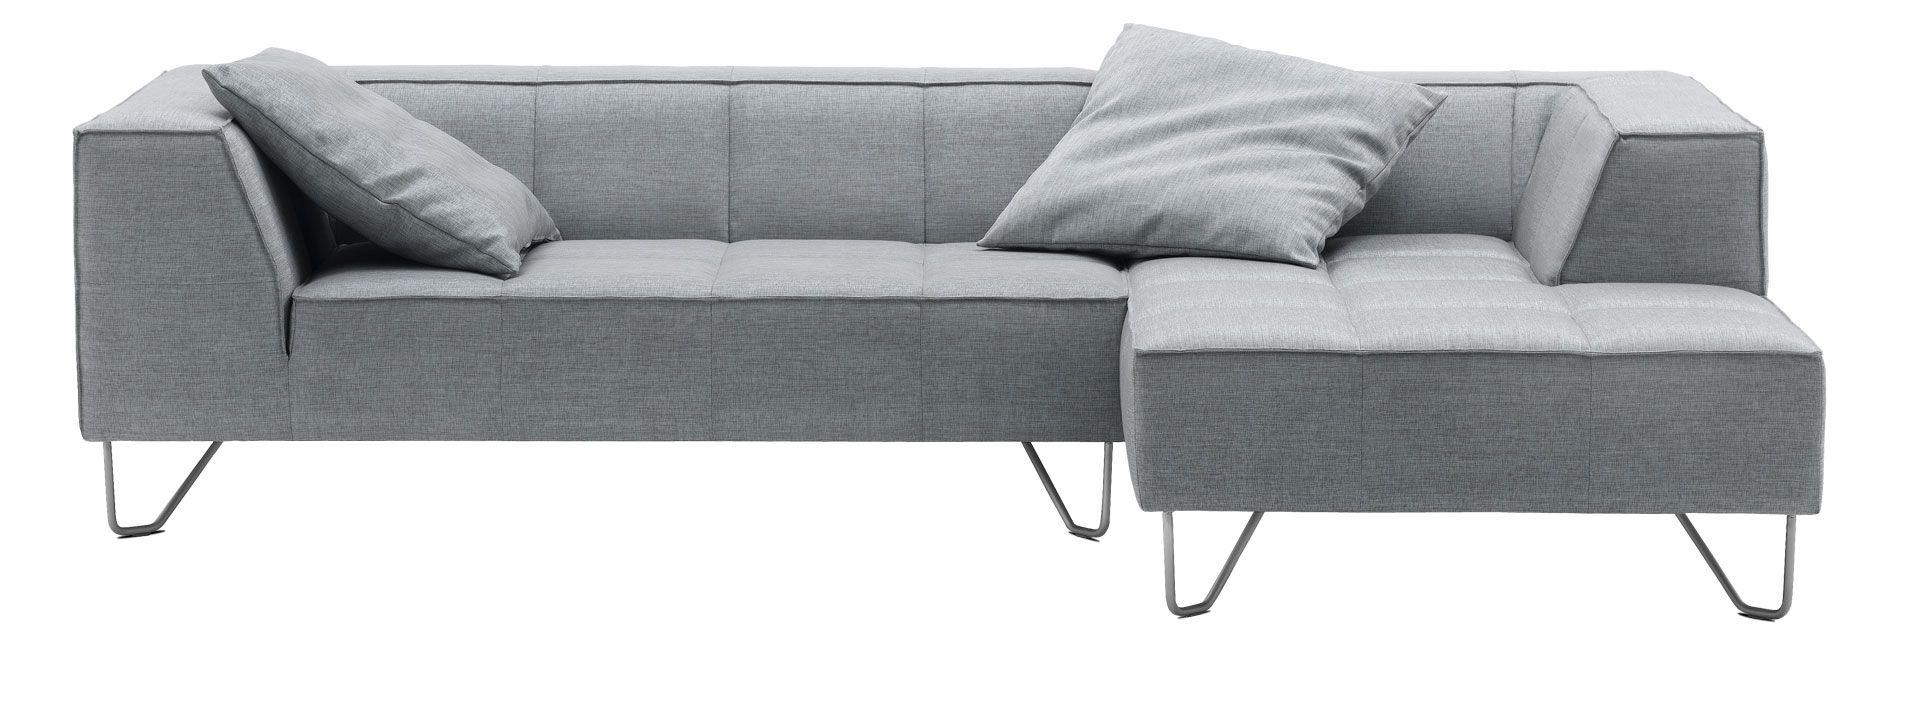 Pleasant Milos Sofa By Bo Concept In Gray Sazza Fabric Sofa Design Unemploymentrelief Wooden Chair Designs For Living Room Unemploymentrelieforg